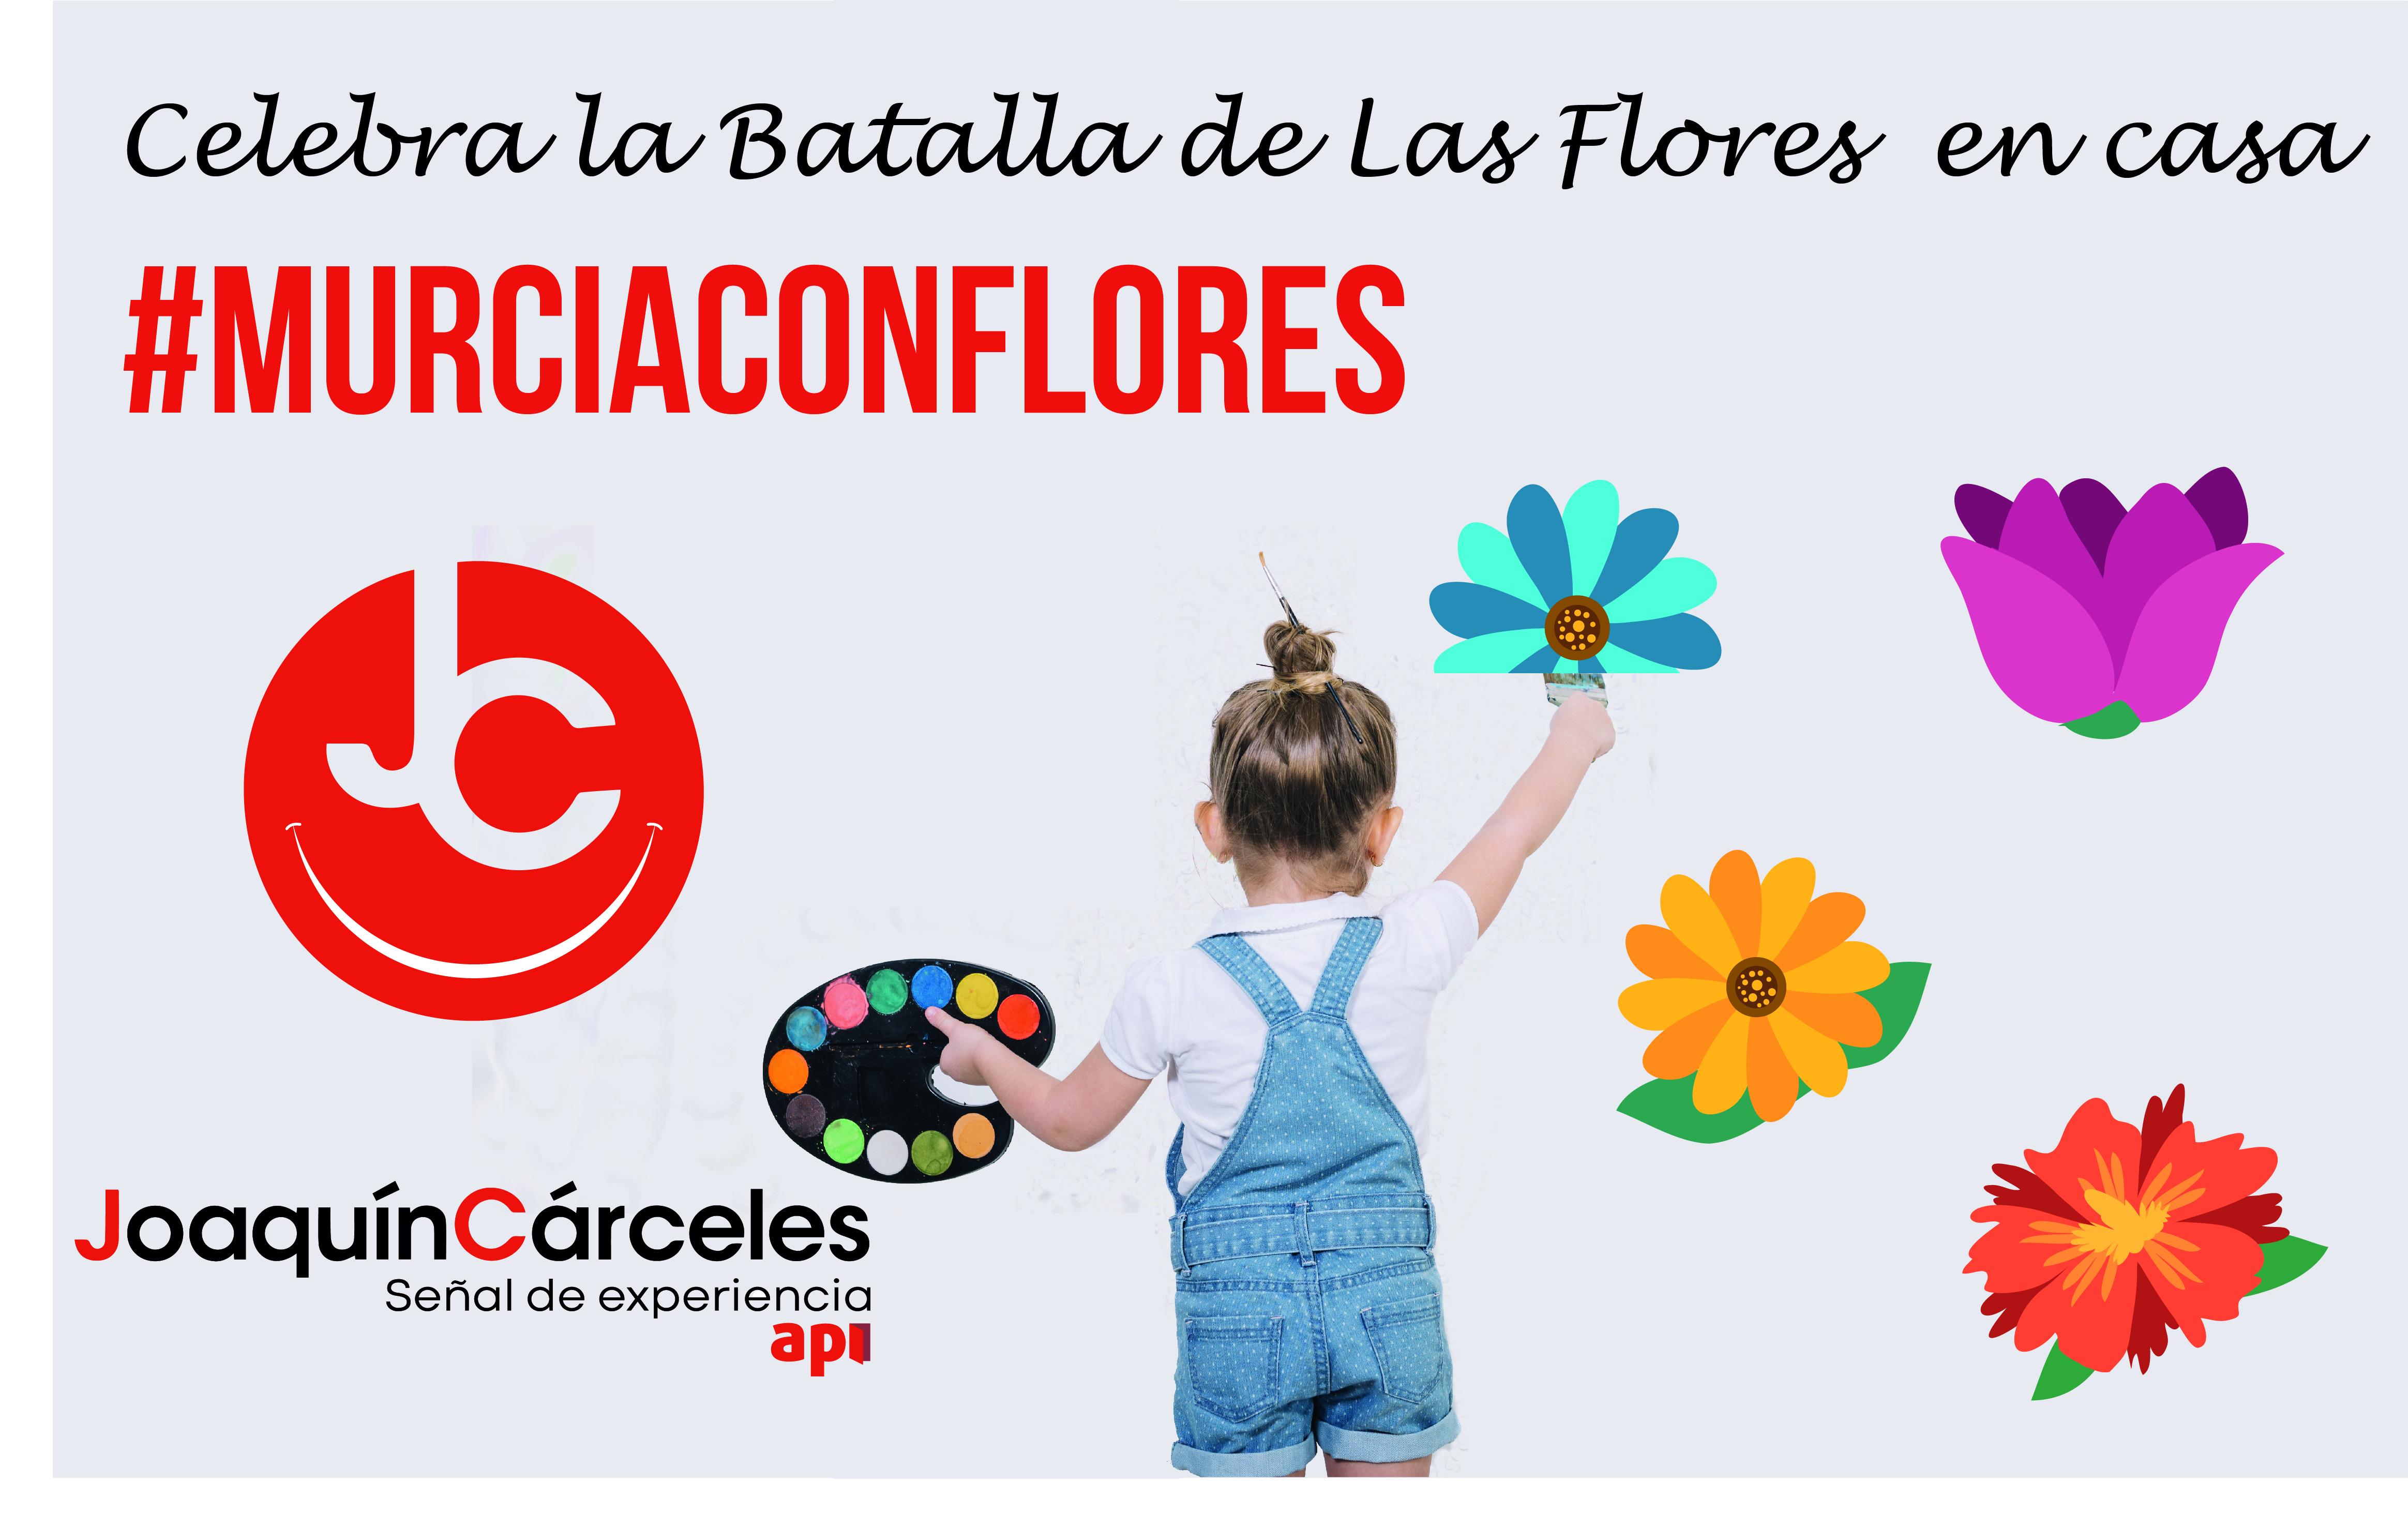 Celebra la Batalla de Las Flores en casa